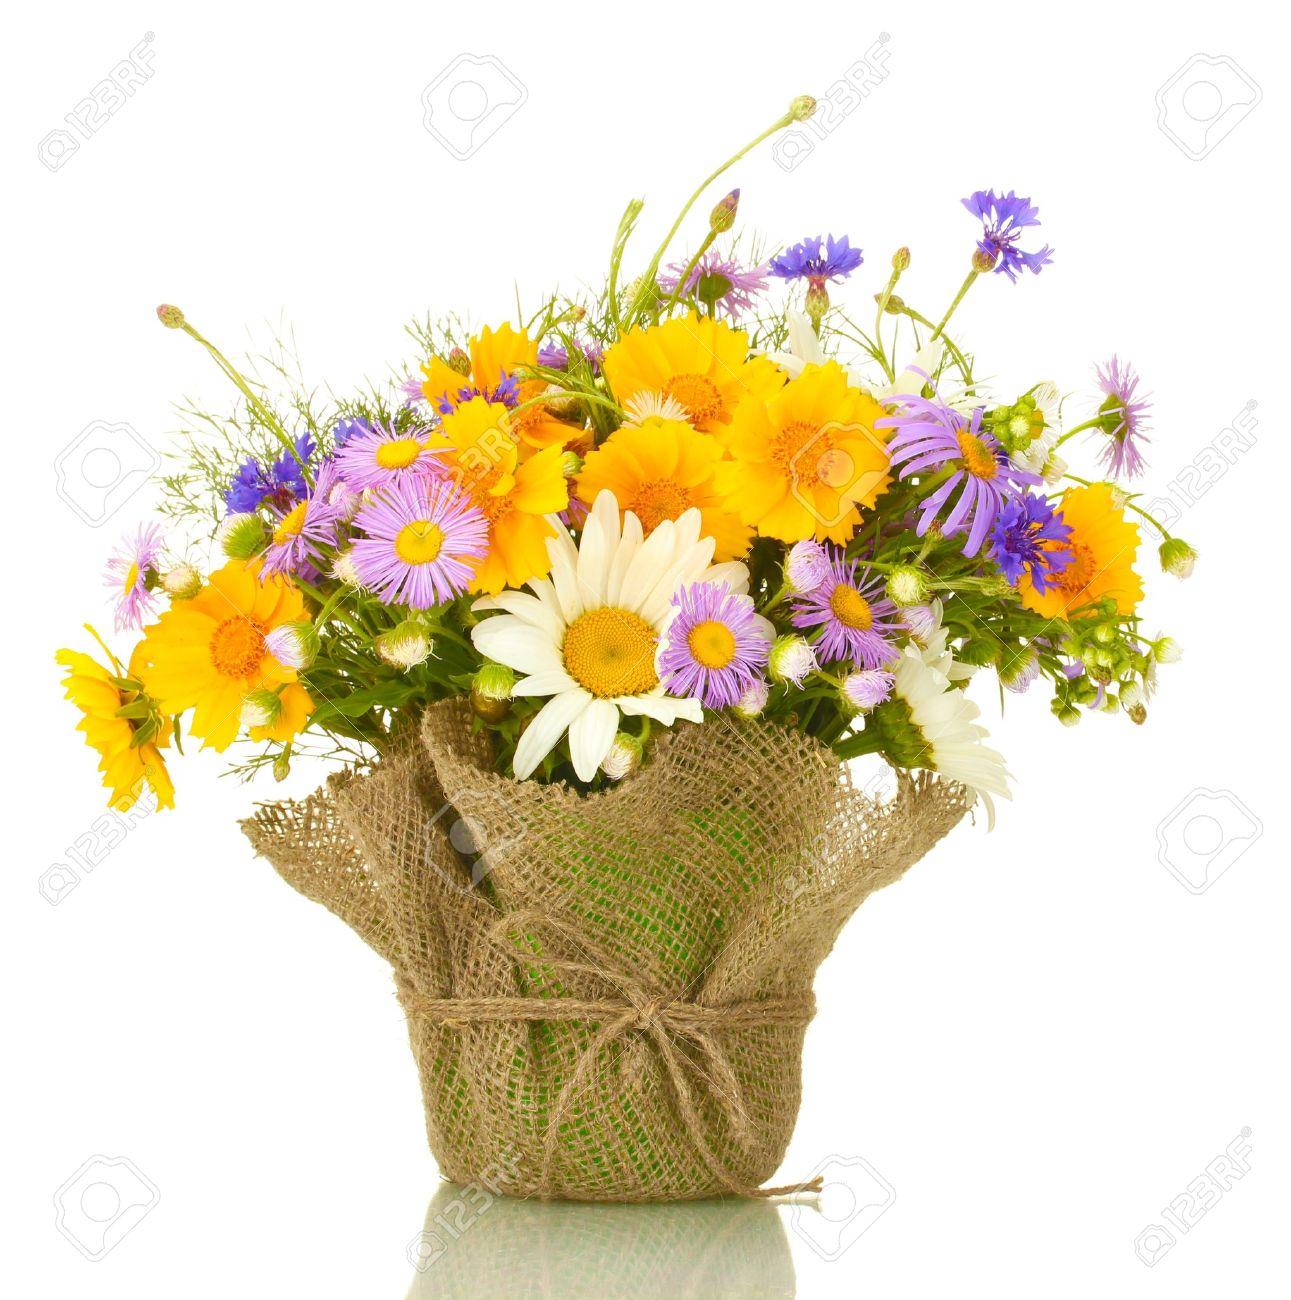 banque duimages beau bouquet de fleurs sauvages lumineuses dans pot de  fleurs isol sur blanc with photos de beaux bouquets de fleurs